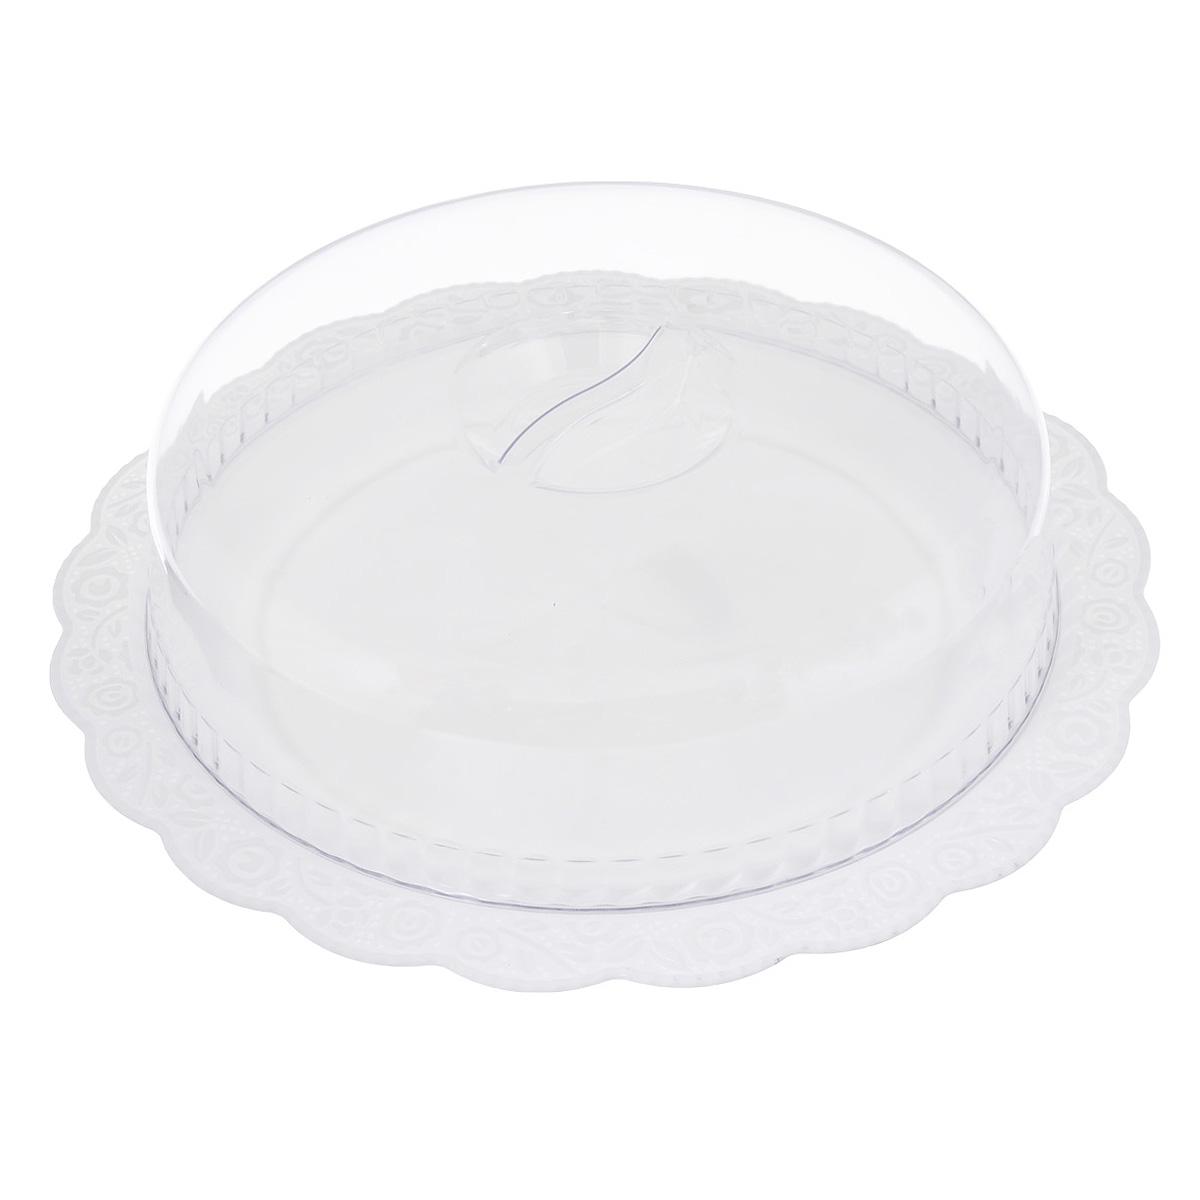 Блюдо Альтернатива Нежность, с крышкой, цвет: белый, прозрачный, диаметр 36,5 смM1206Круглое блюдо Альтернатива Нежность, выполненное из высококачественного пищевого пластика, оснащено прозрачной крышкой. Волнообразные края изделия оформлены красивым рельефным рисунком. Блюдо идеально для подачи торта и больших пирогов. Оригинальный дизайн придется по вкусу и ценителям классики, и тем, кто предпочитает утонченность и изысканность. Диаметр блюда: 36,5 см. Диаметр крышки: 28 см. Высота (с учетом крышки): 10 см. Рекомендуем!